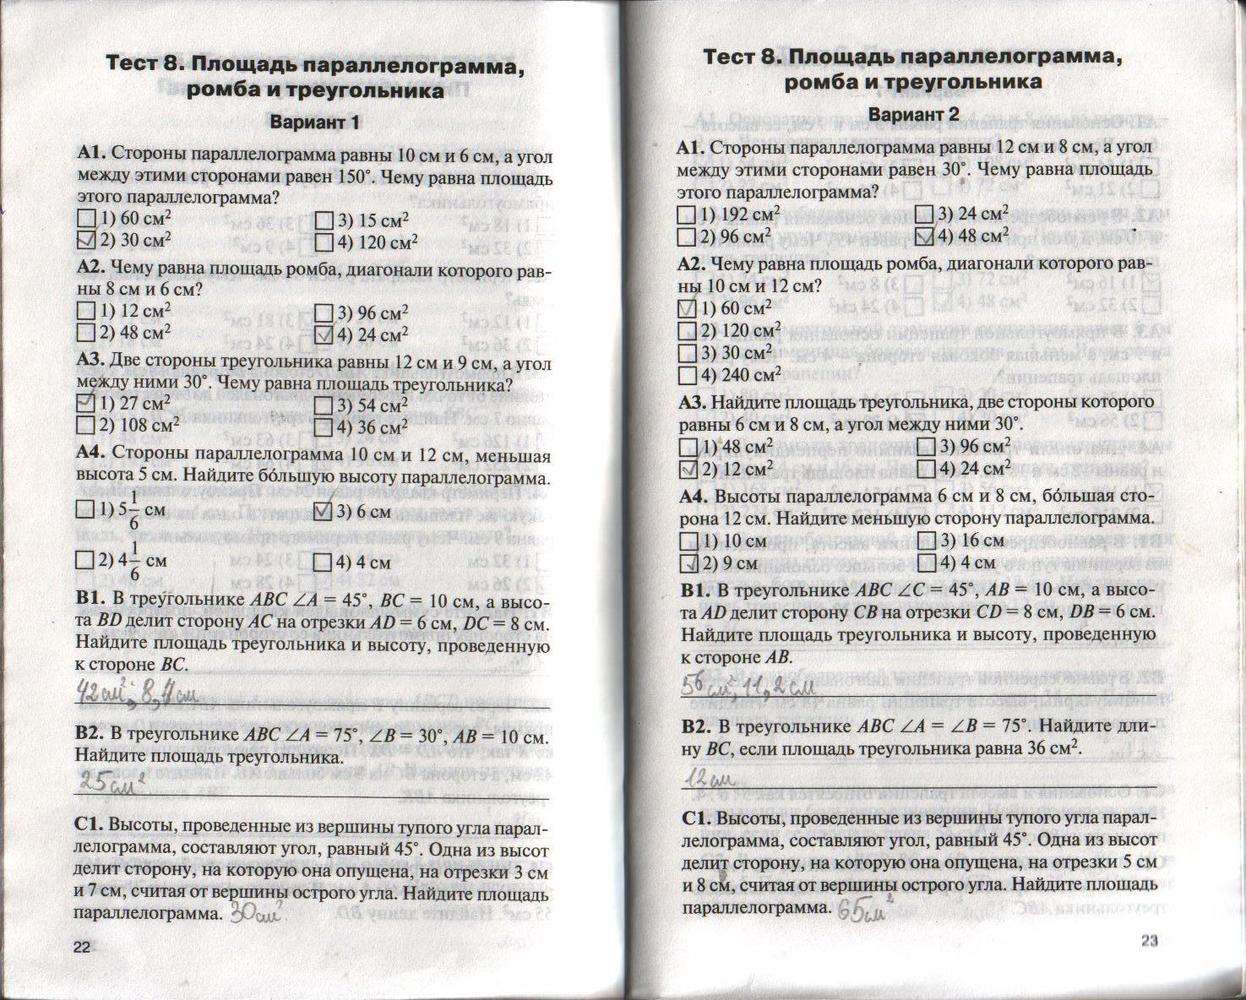 Гдз По Контрольно Измерительные Материалы 7 Класс Геометрия Гаврилова